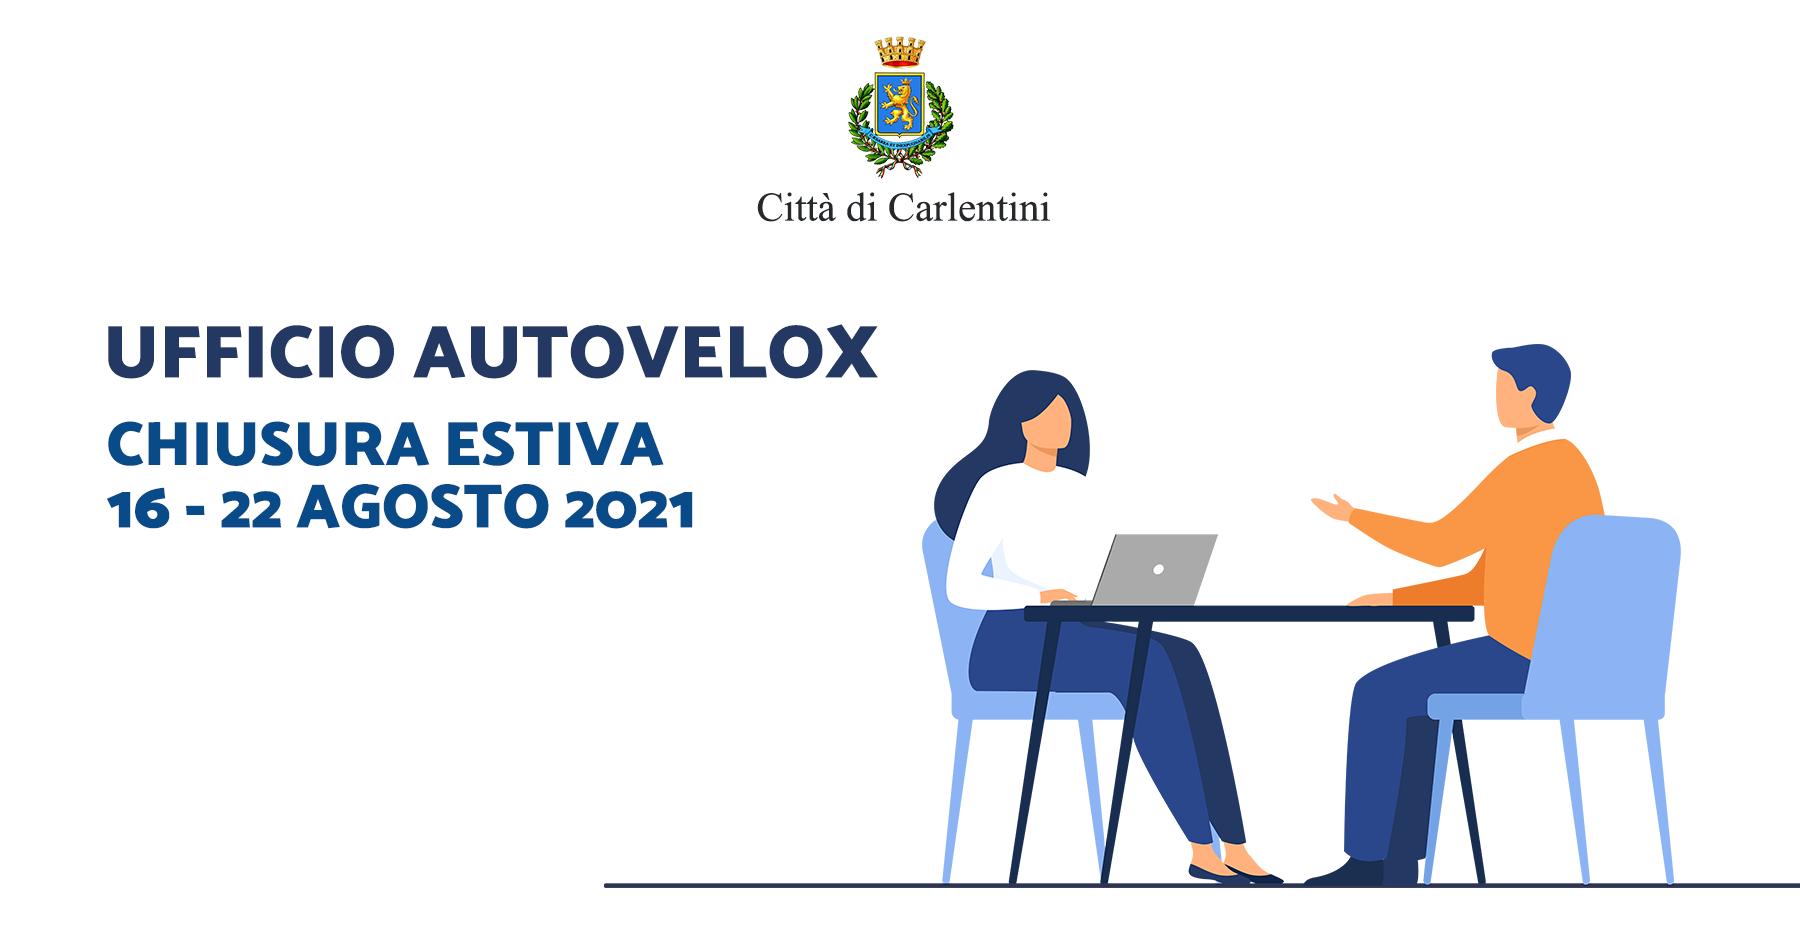 Ufficio Autovelox: chiusura dal 16 al 22 agosto 2021